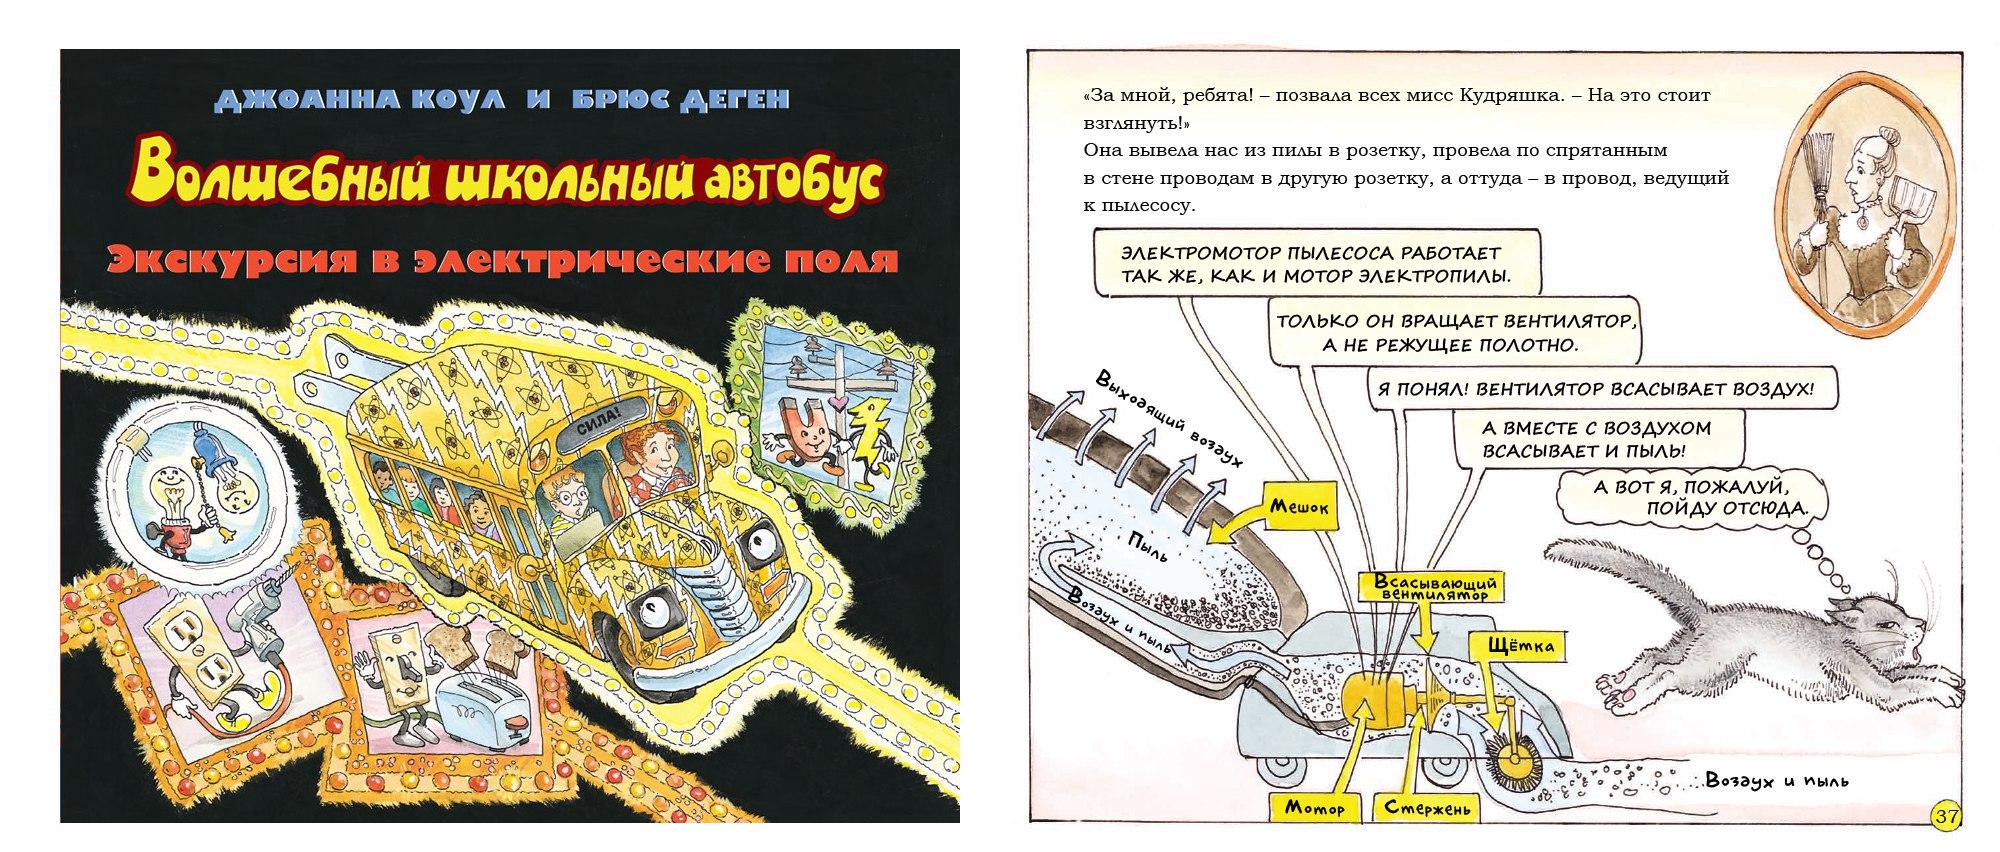 Иллюстрация из книги Волшебный школьный автобус, внутри электрического поля